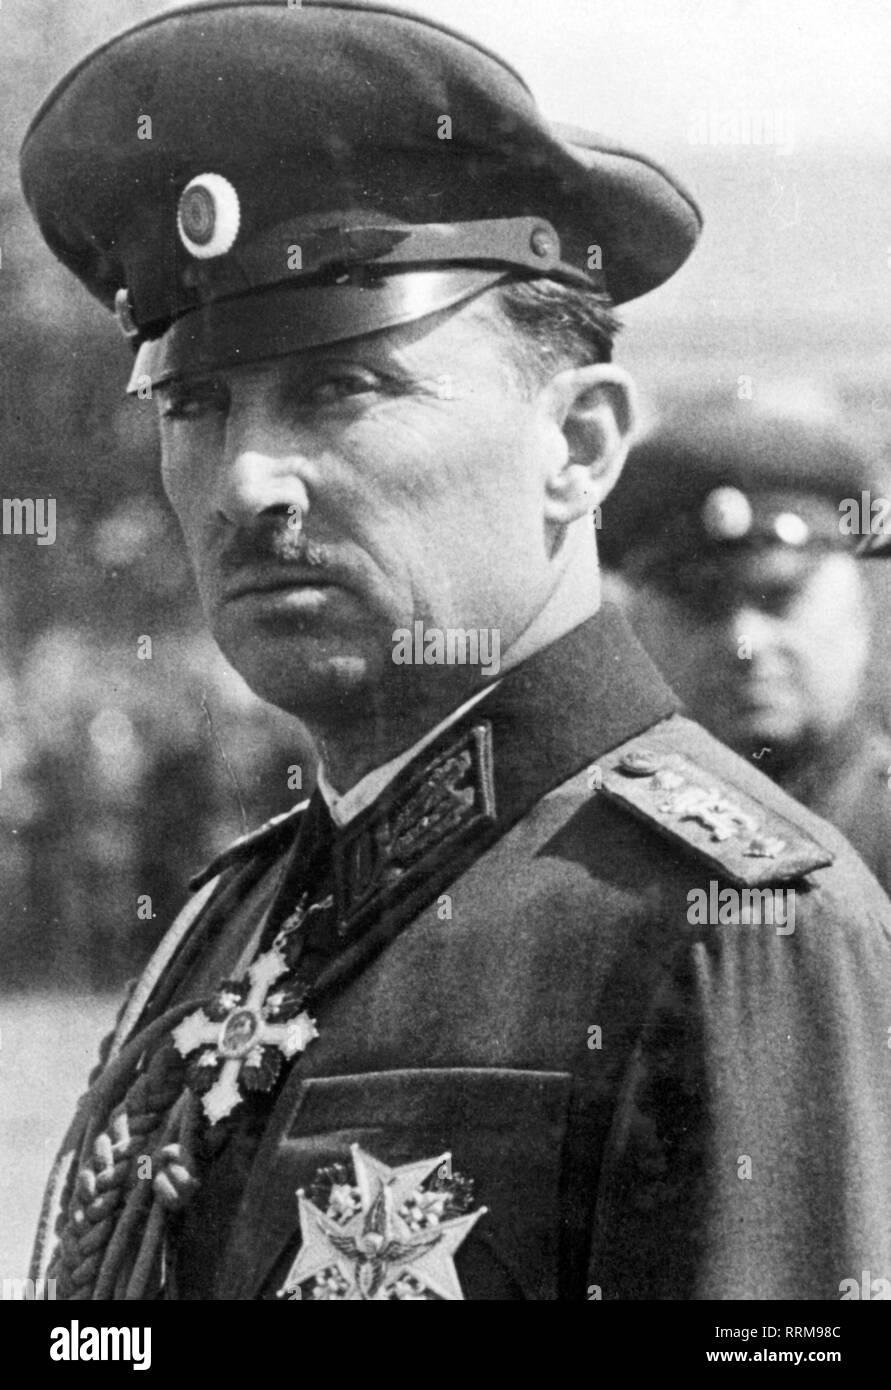 Kyril, 17.11.1895 - 1.2.1945, príncipe de Bulgaria, presidente de la regencia el abogado 28.8.1943 - 9.9.1944, retrato, 1943-Clearance-Info Additional-Rights-Not-Available Imagen De Stock